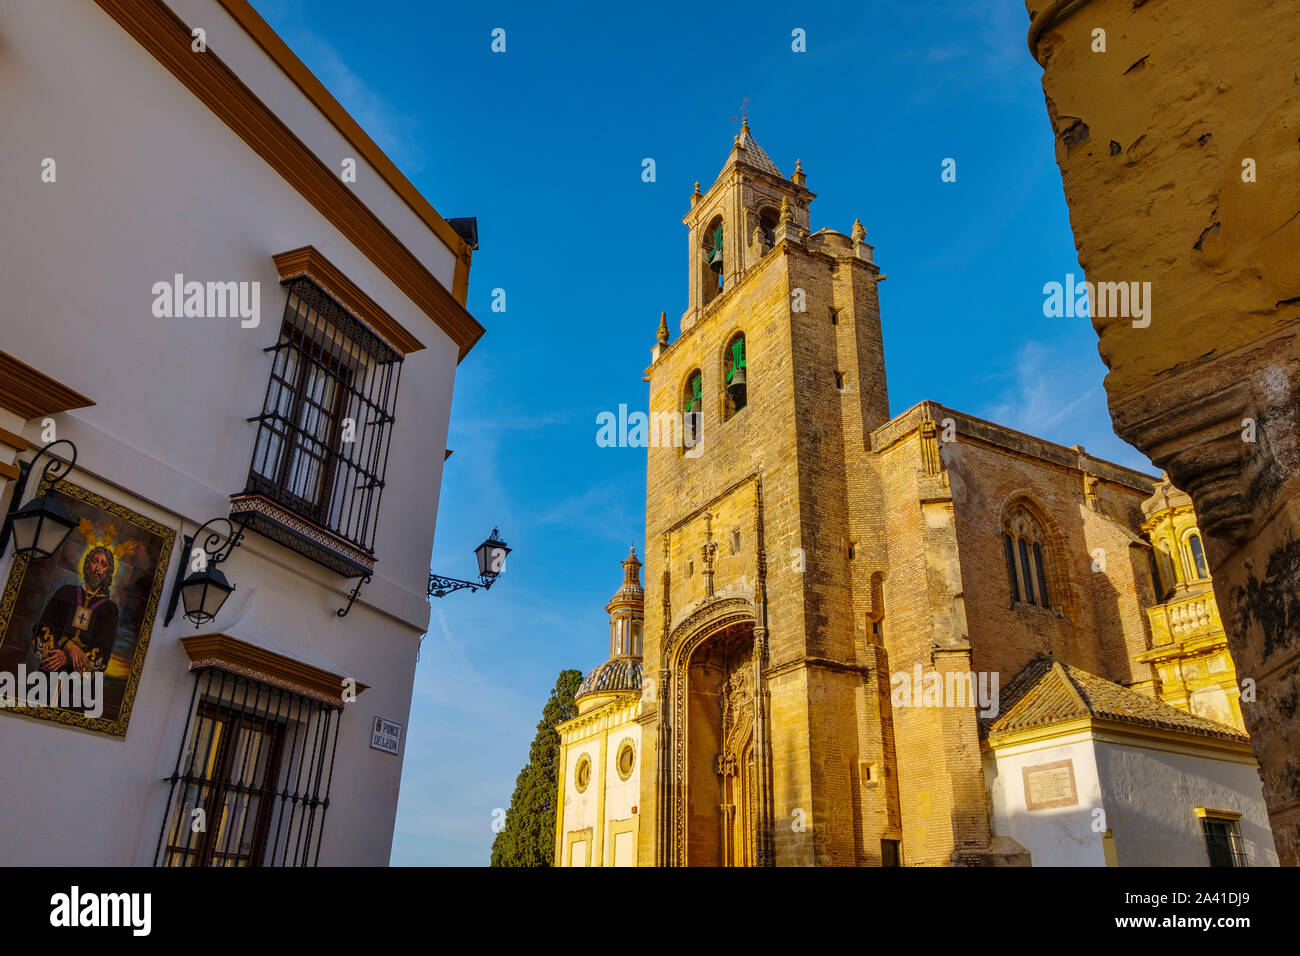 Iglesia de estilo gótico de Santiago en Utrera, provincia de Sevilla. El sur de Andalucía, España. Europa Foto de stock